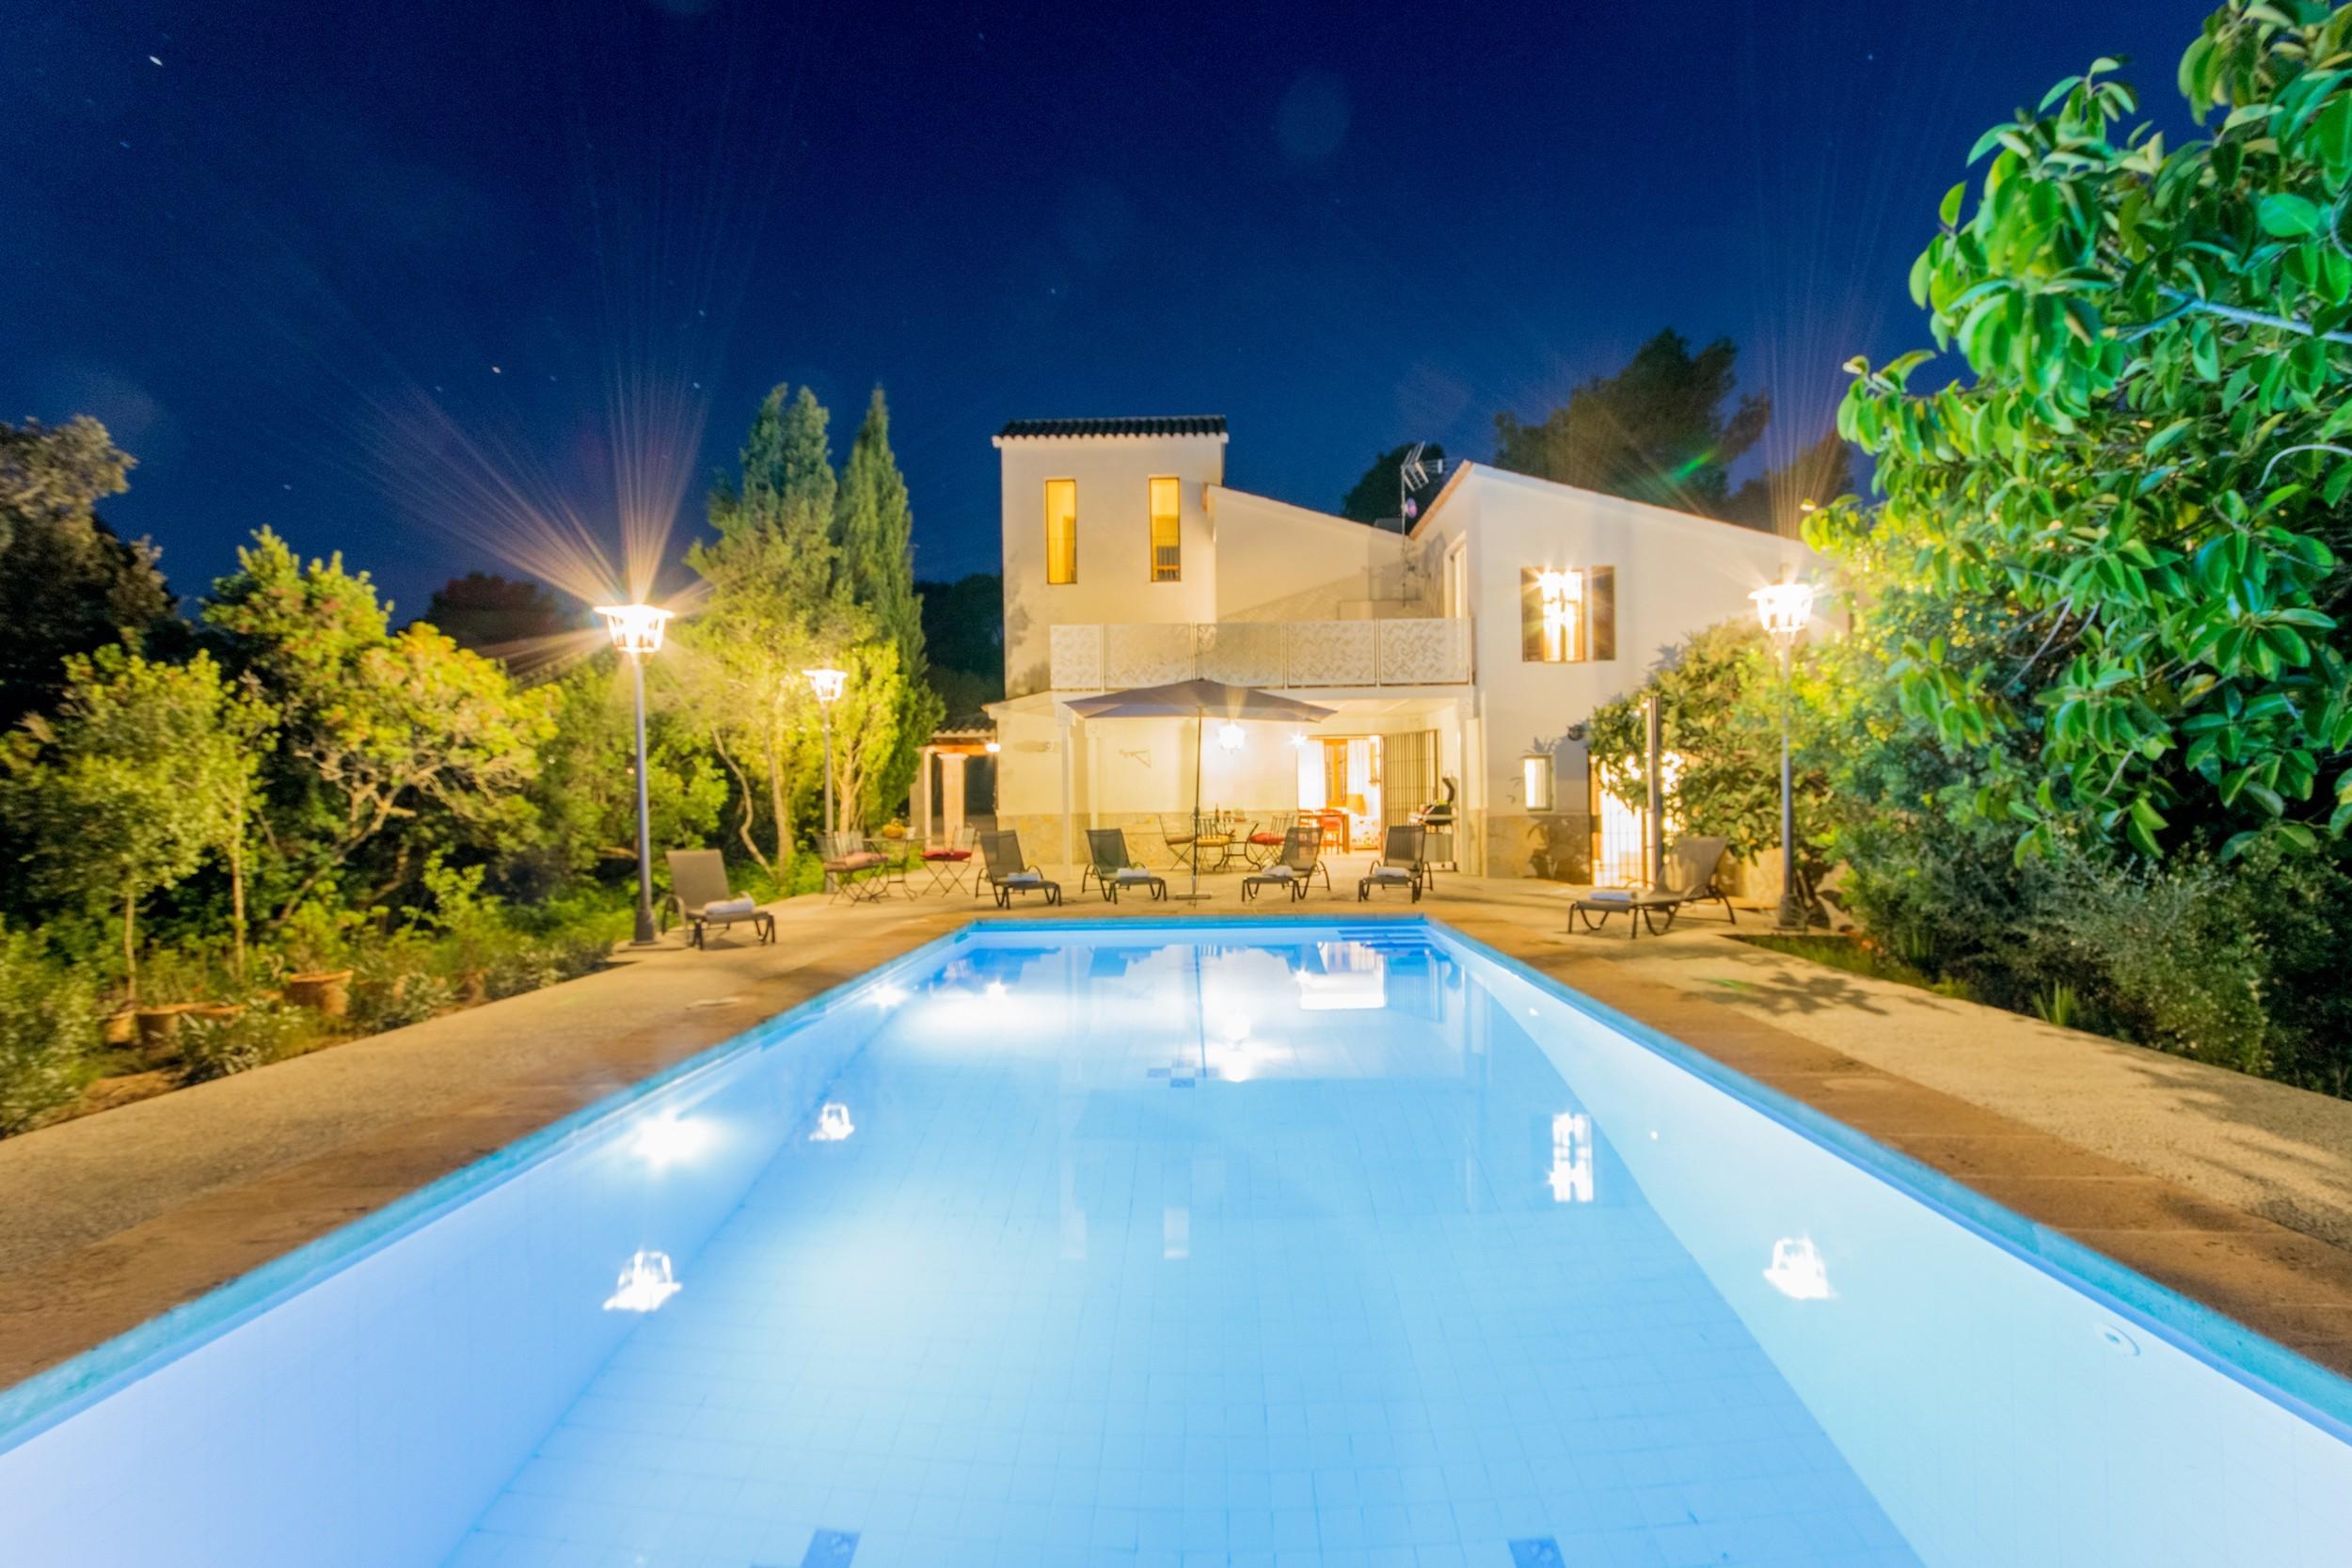 4 DSZ, 5 BZ (4 davon en suite), AC, WIFI, grosser Pool, Grill und schönem Aussenbereich mit Blick in die Natur